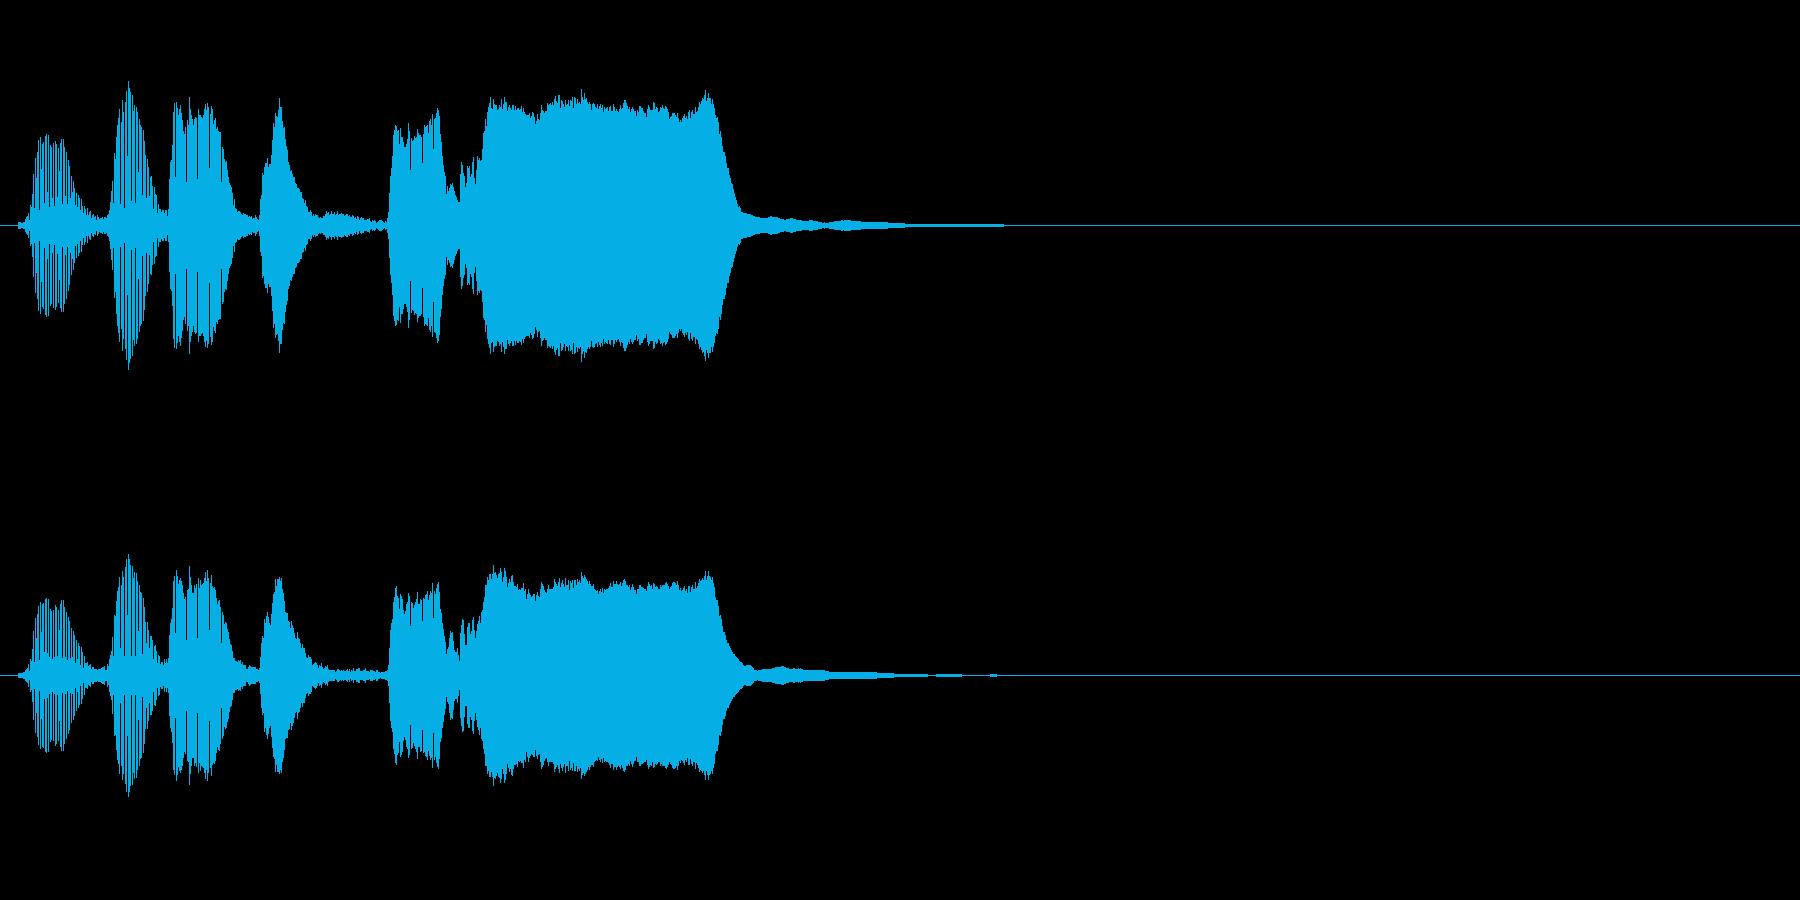 よくあるトランペットの効果音の再生済みの波形